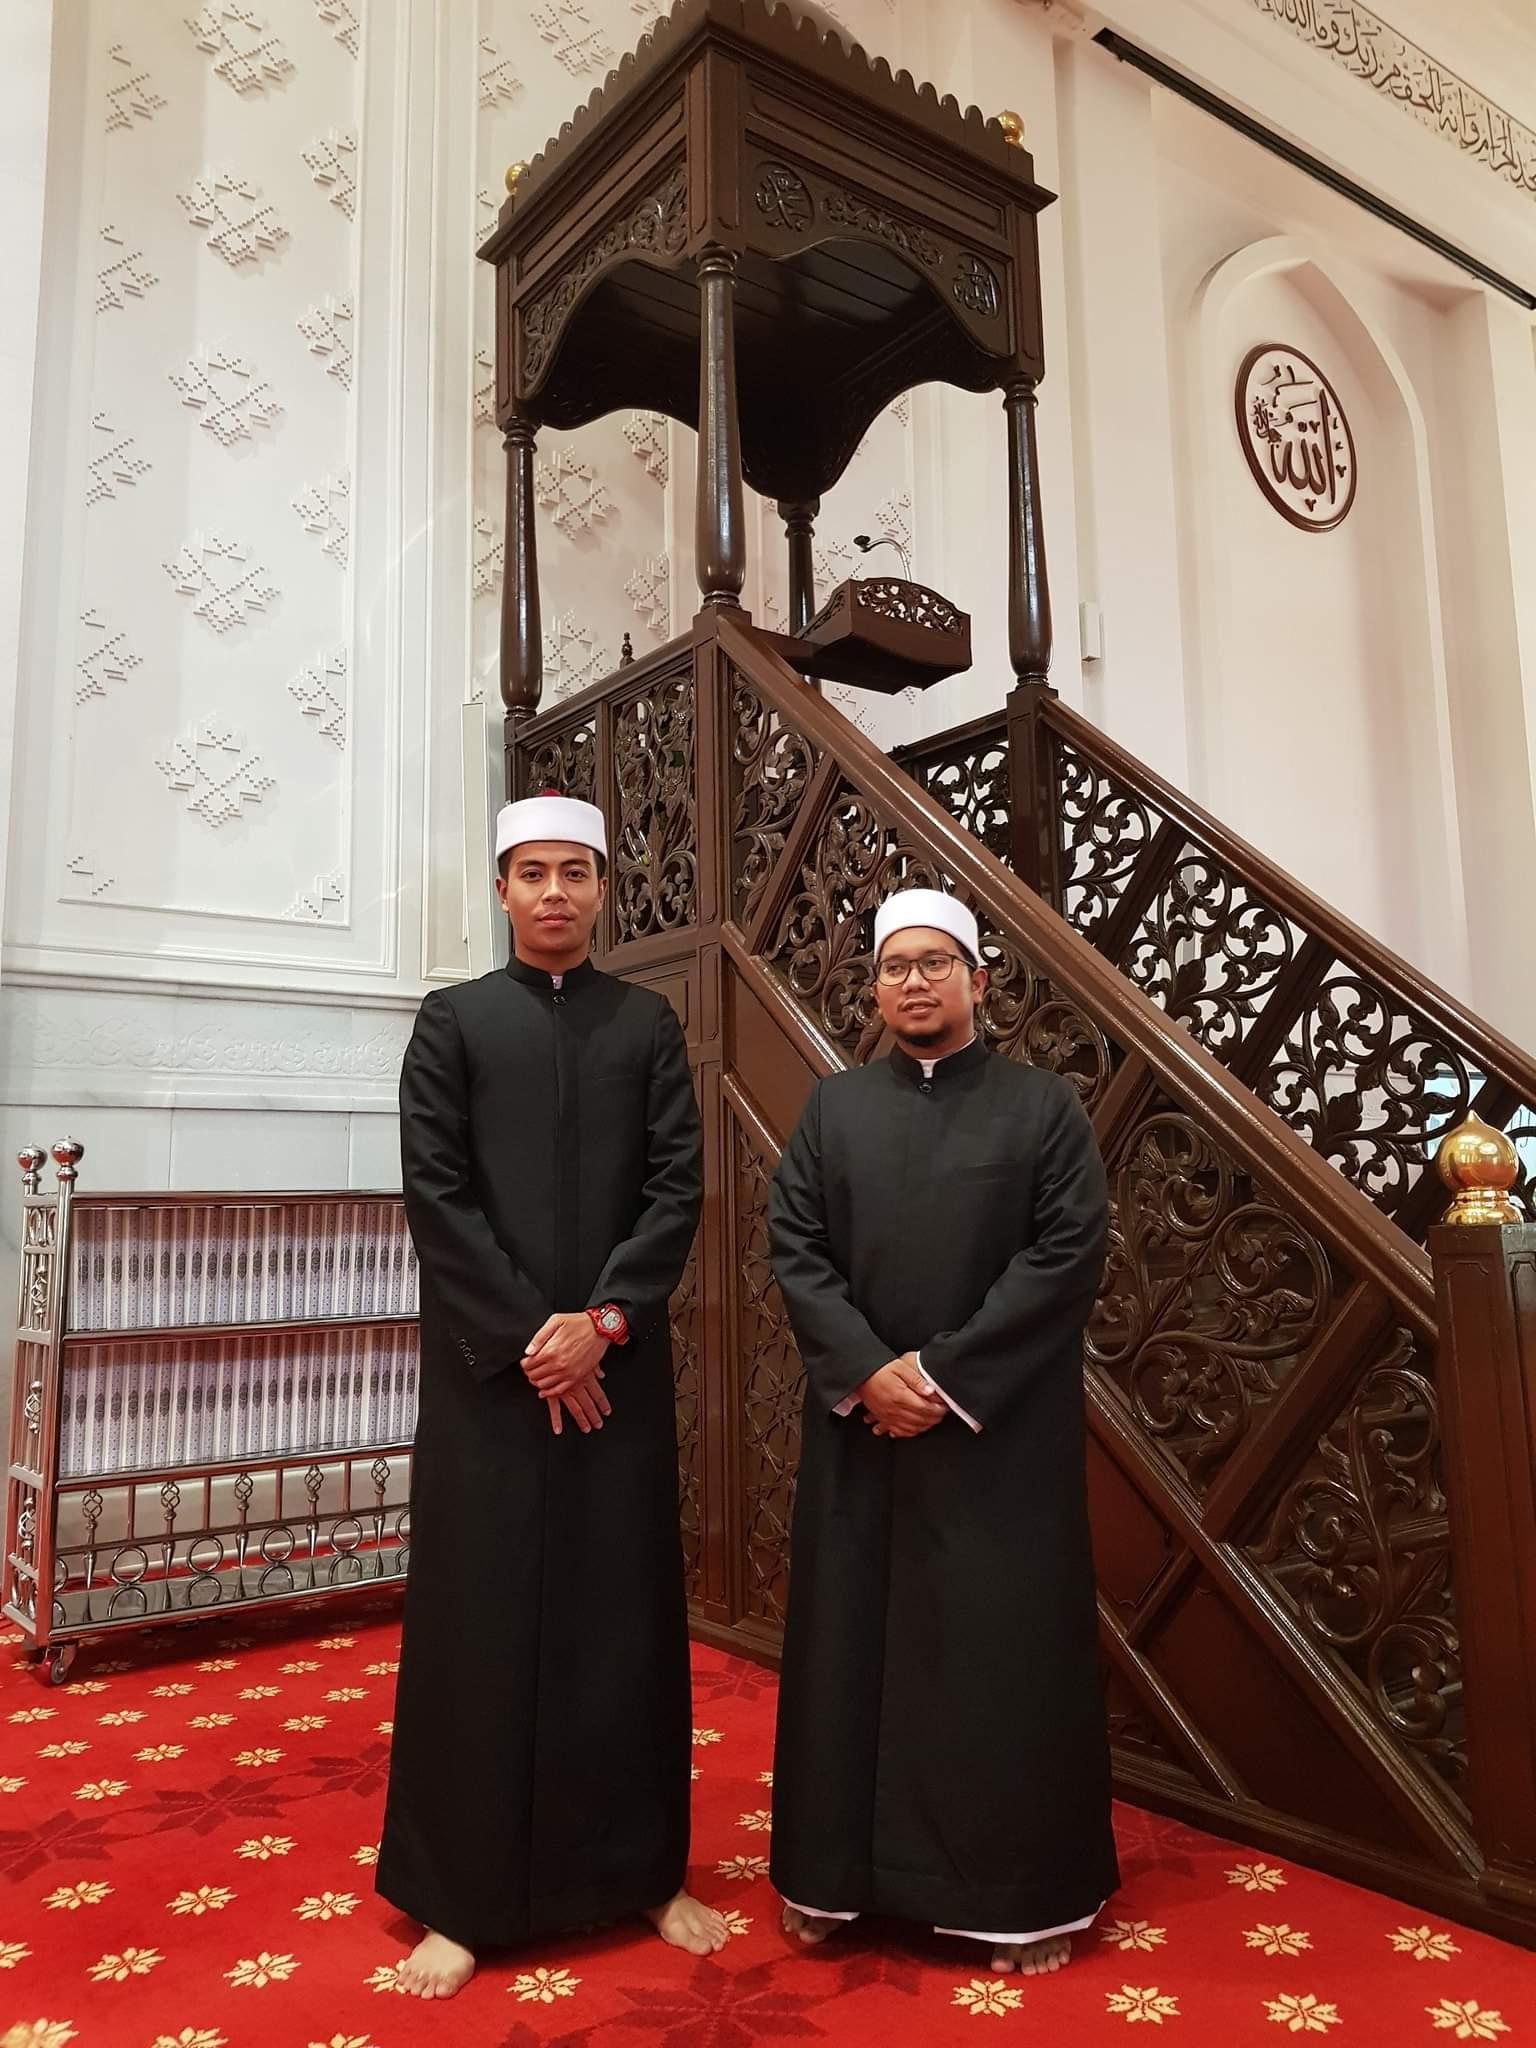 jubah imam coat masjid tengku ampuan bukit jelutong